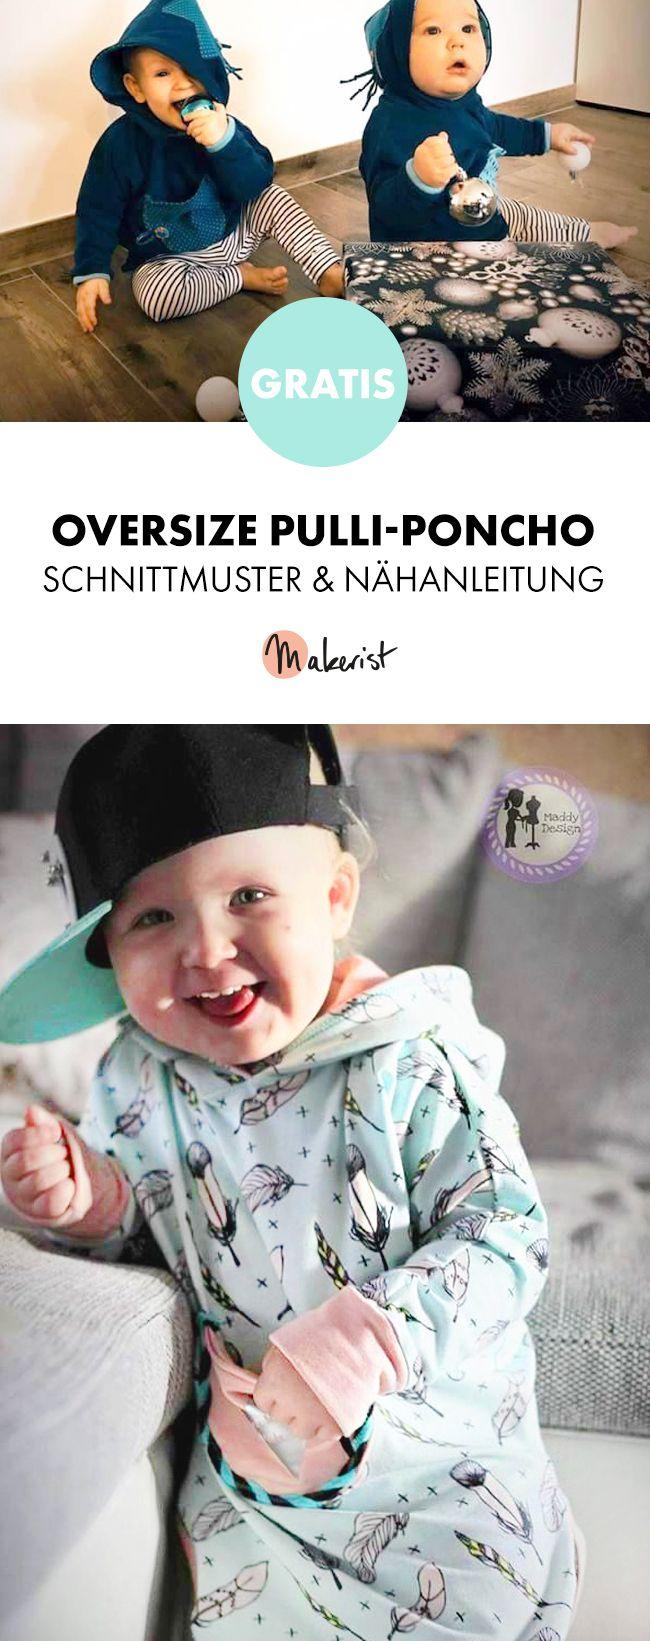 Gratis Anleitung: Pulli-Poncho nähen für Babys und Kinder - Schnittmuster und Nähanleitung via Makerist.de